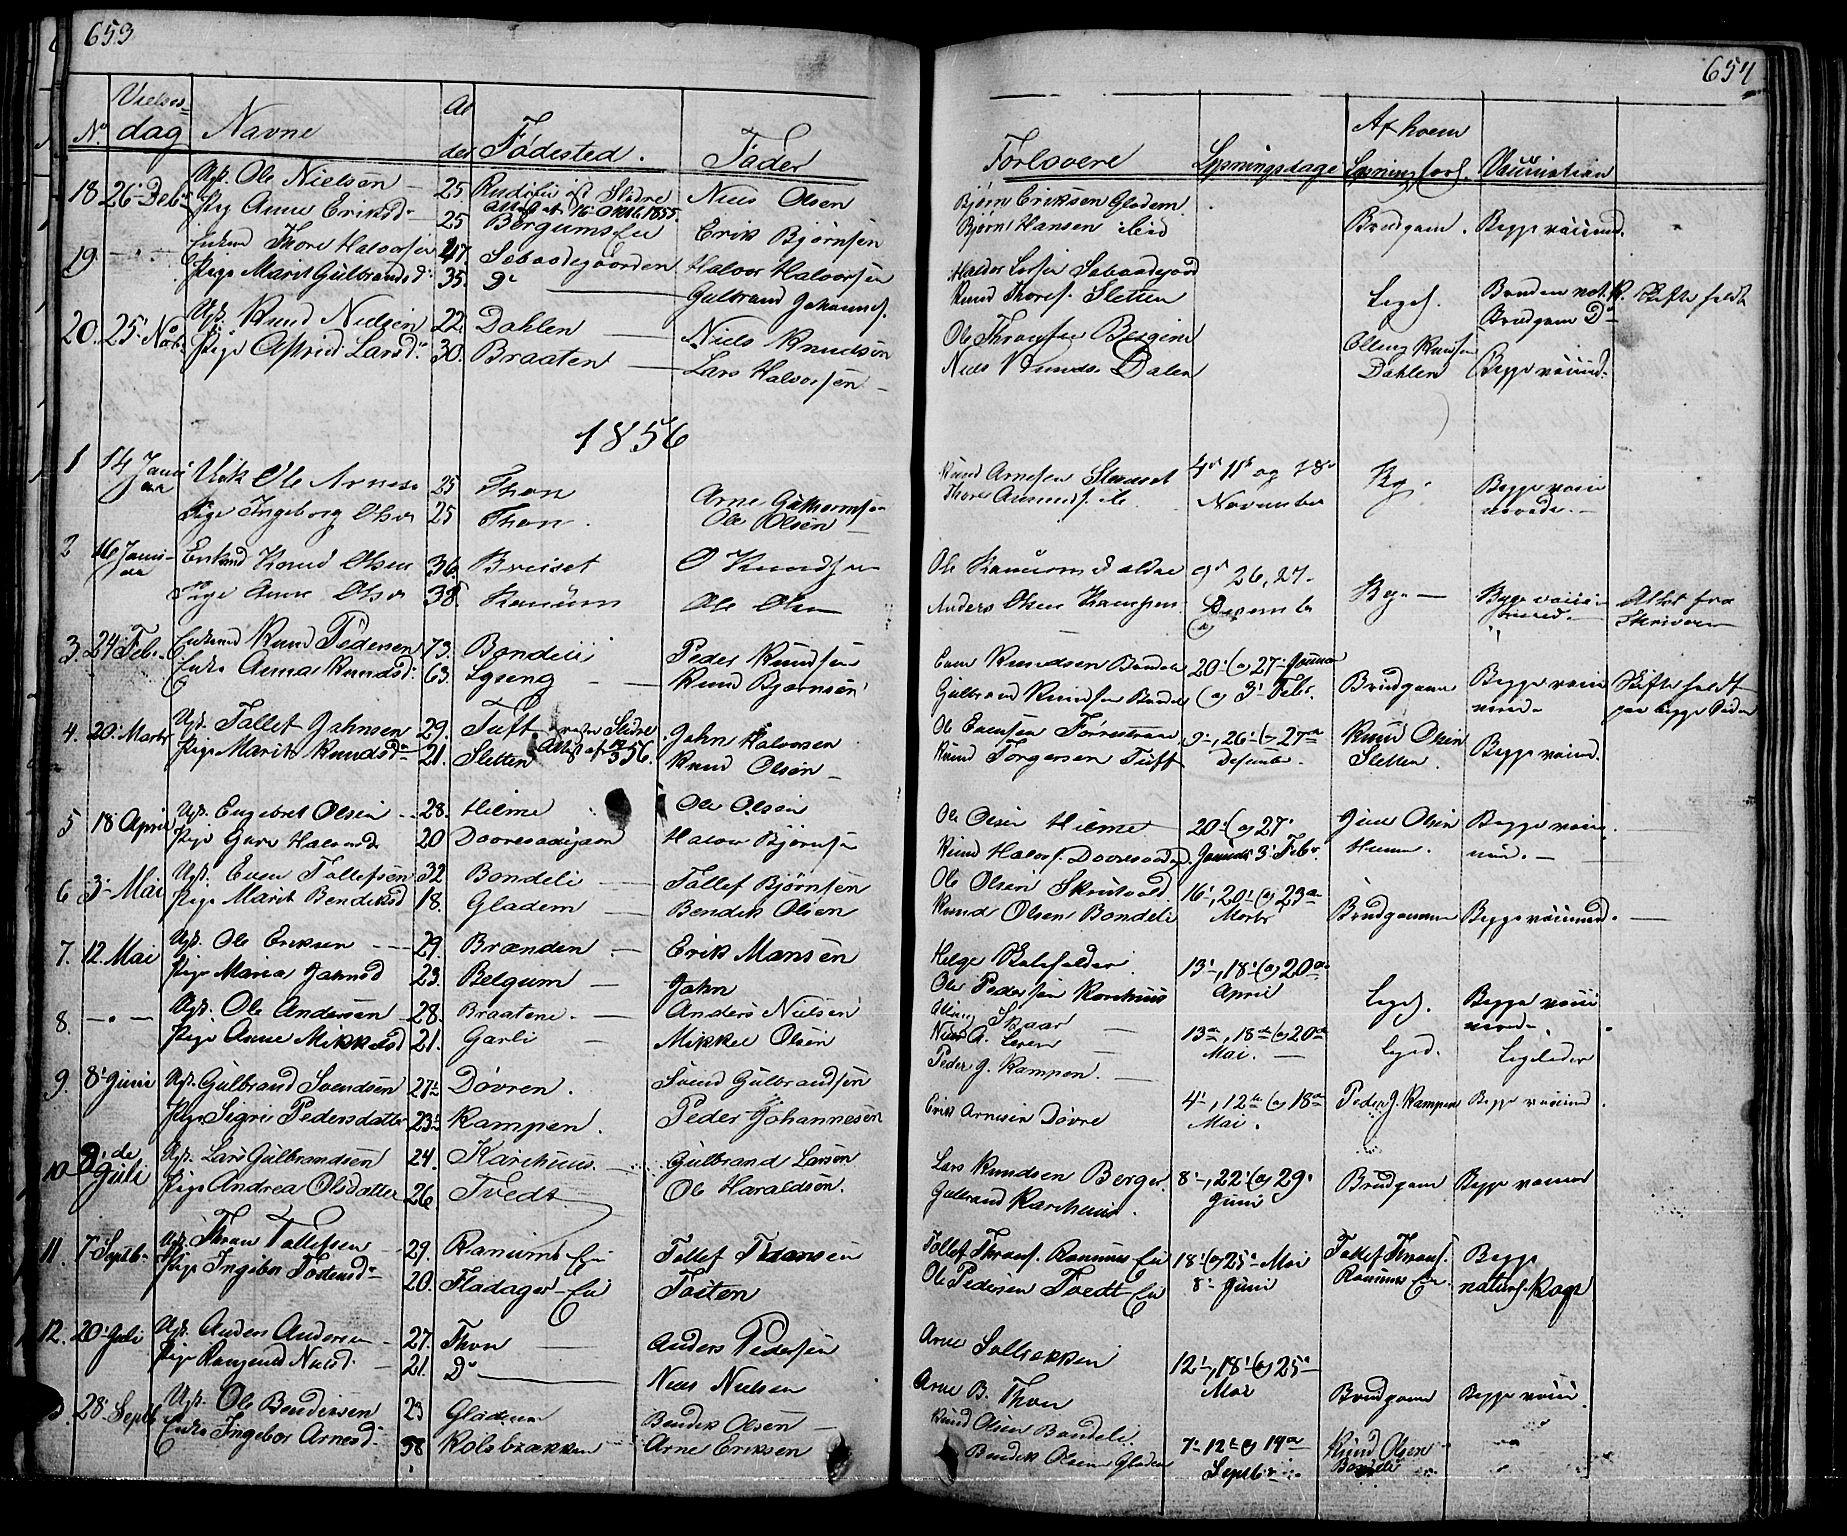 SAH, Nord-Aurdal prestekontor, Klokkerbok nr. 1, 1834-1887, s. 653-654